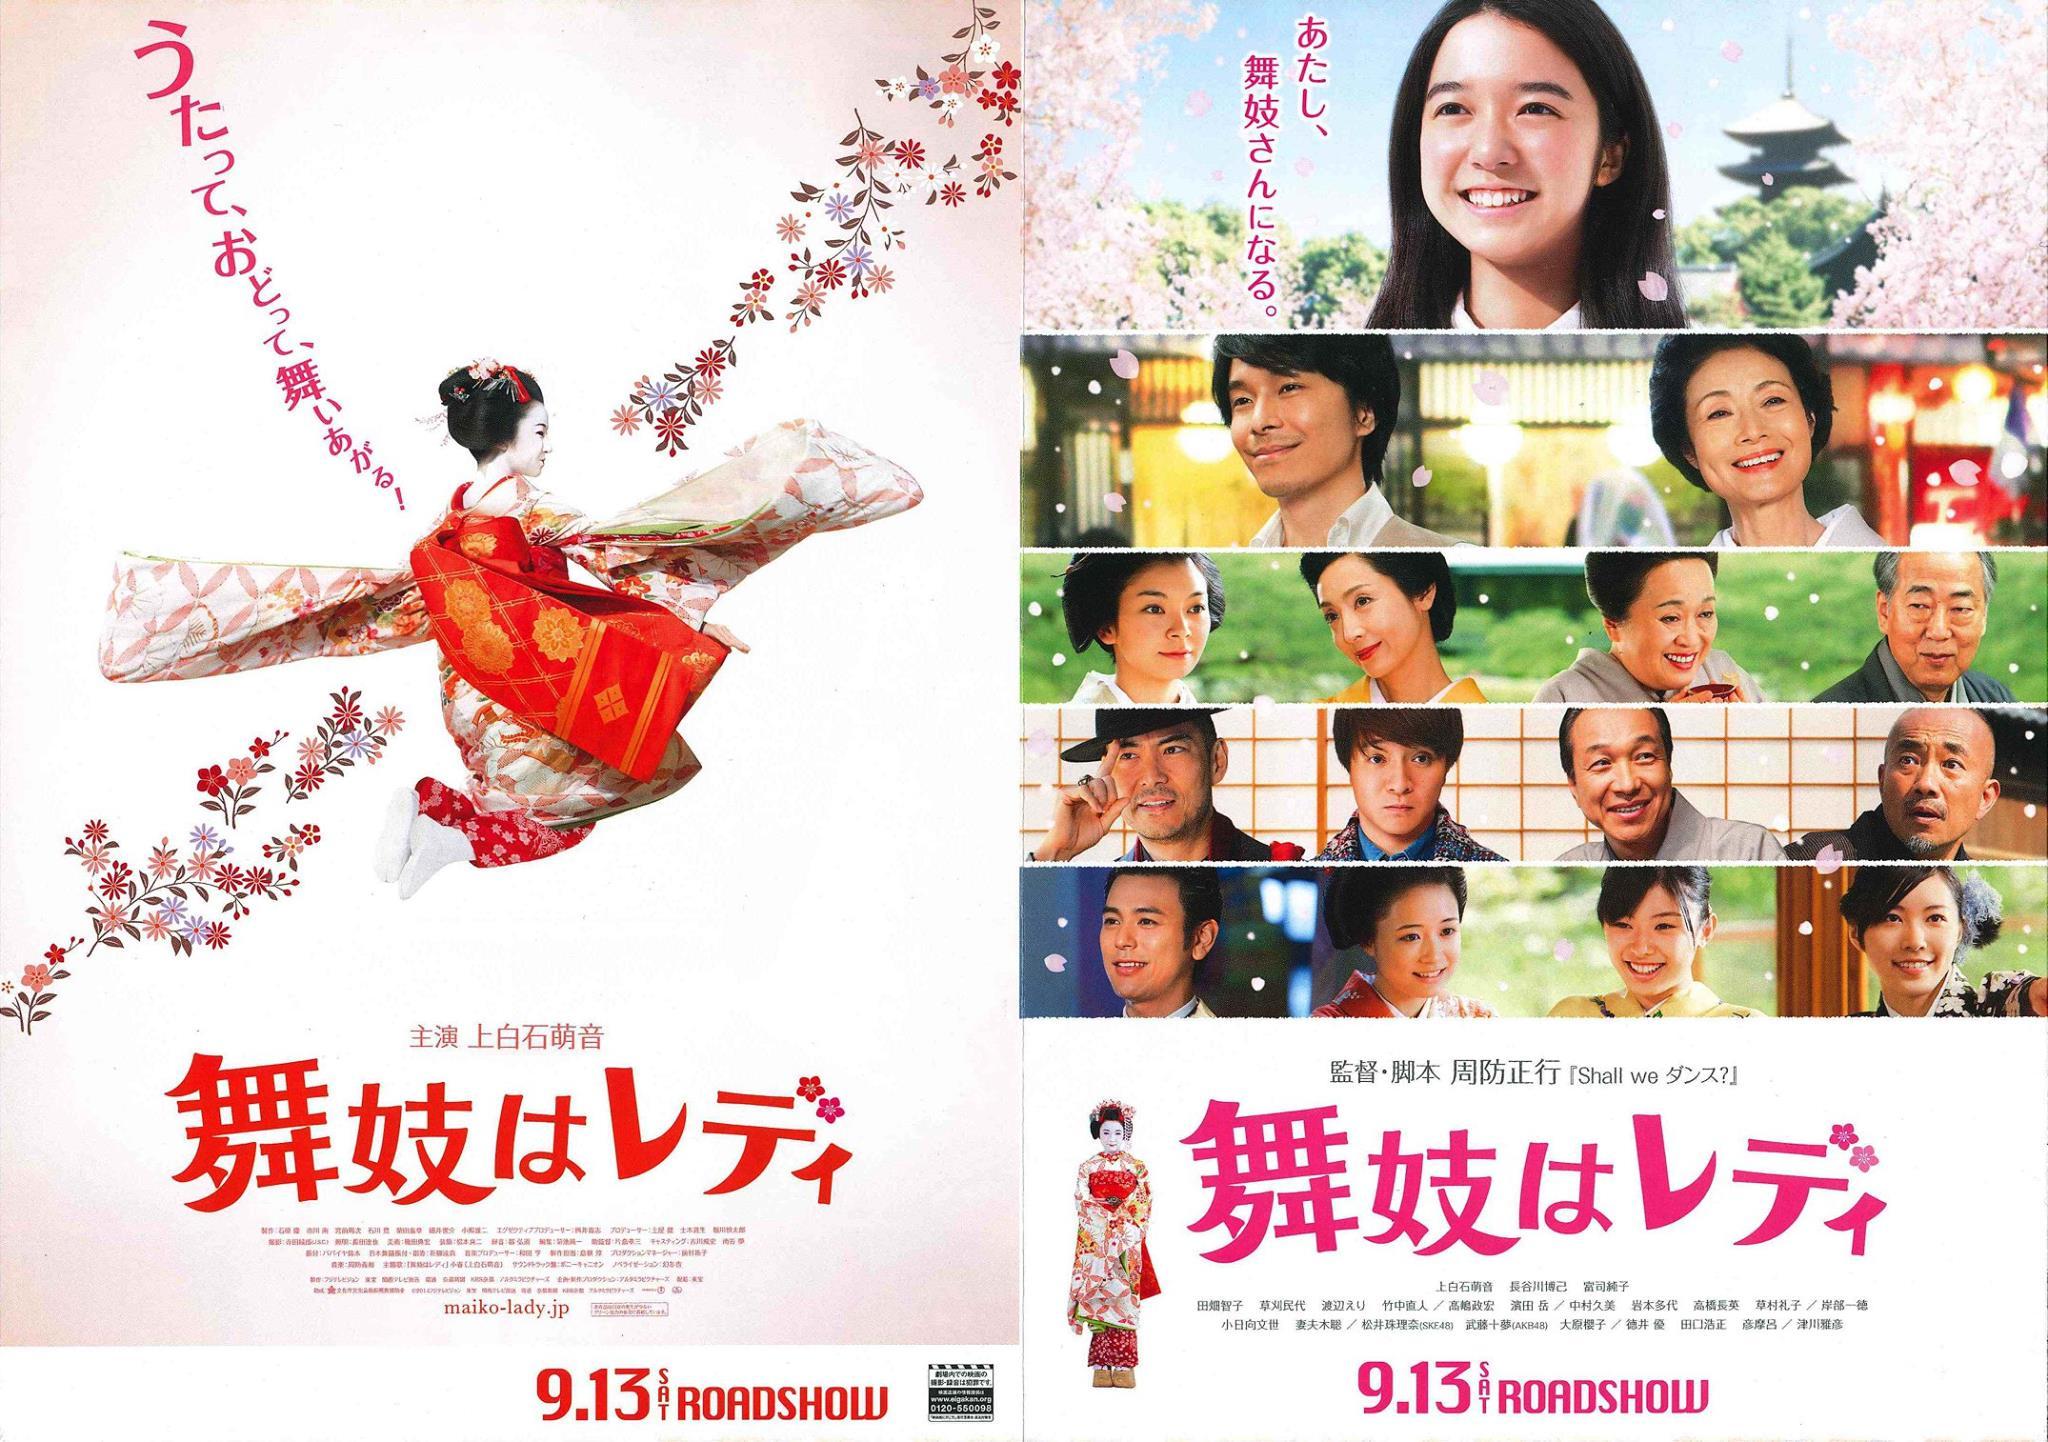 五花街秋の踊り2014